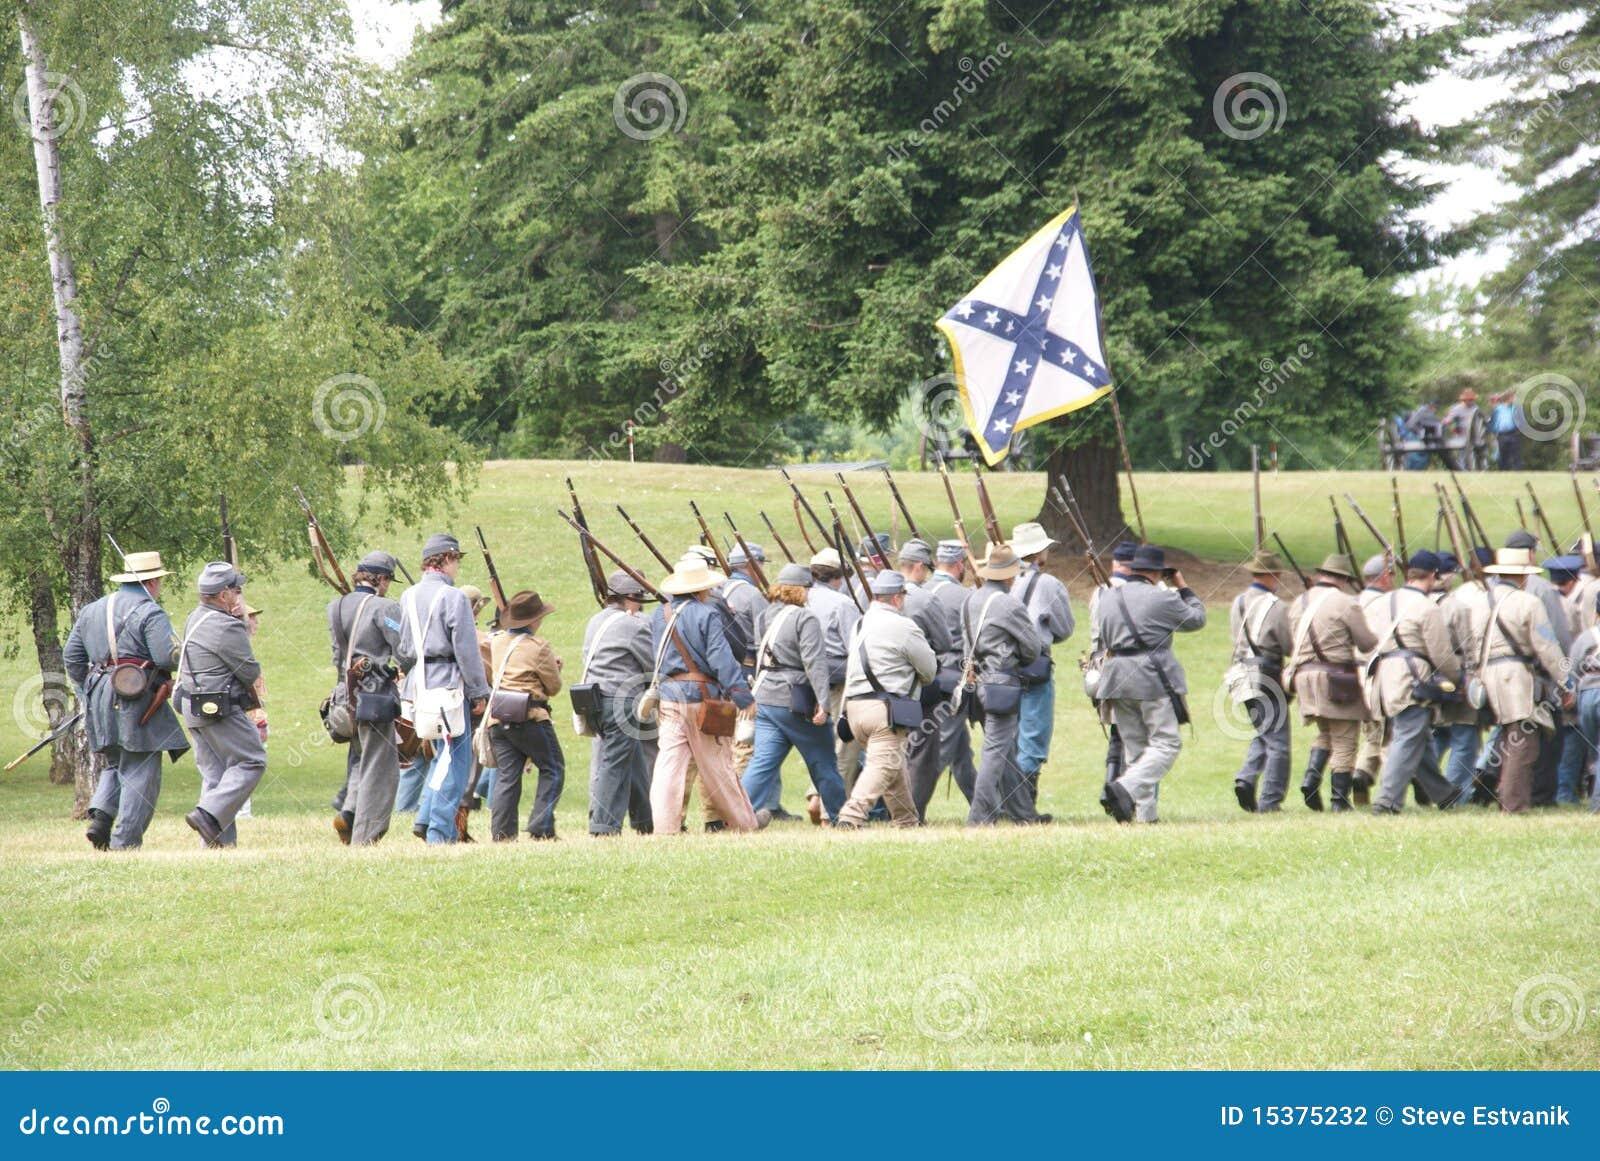 Confederate Civil War reenactors marching